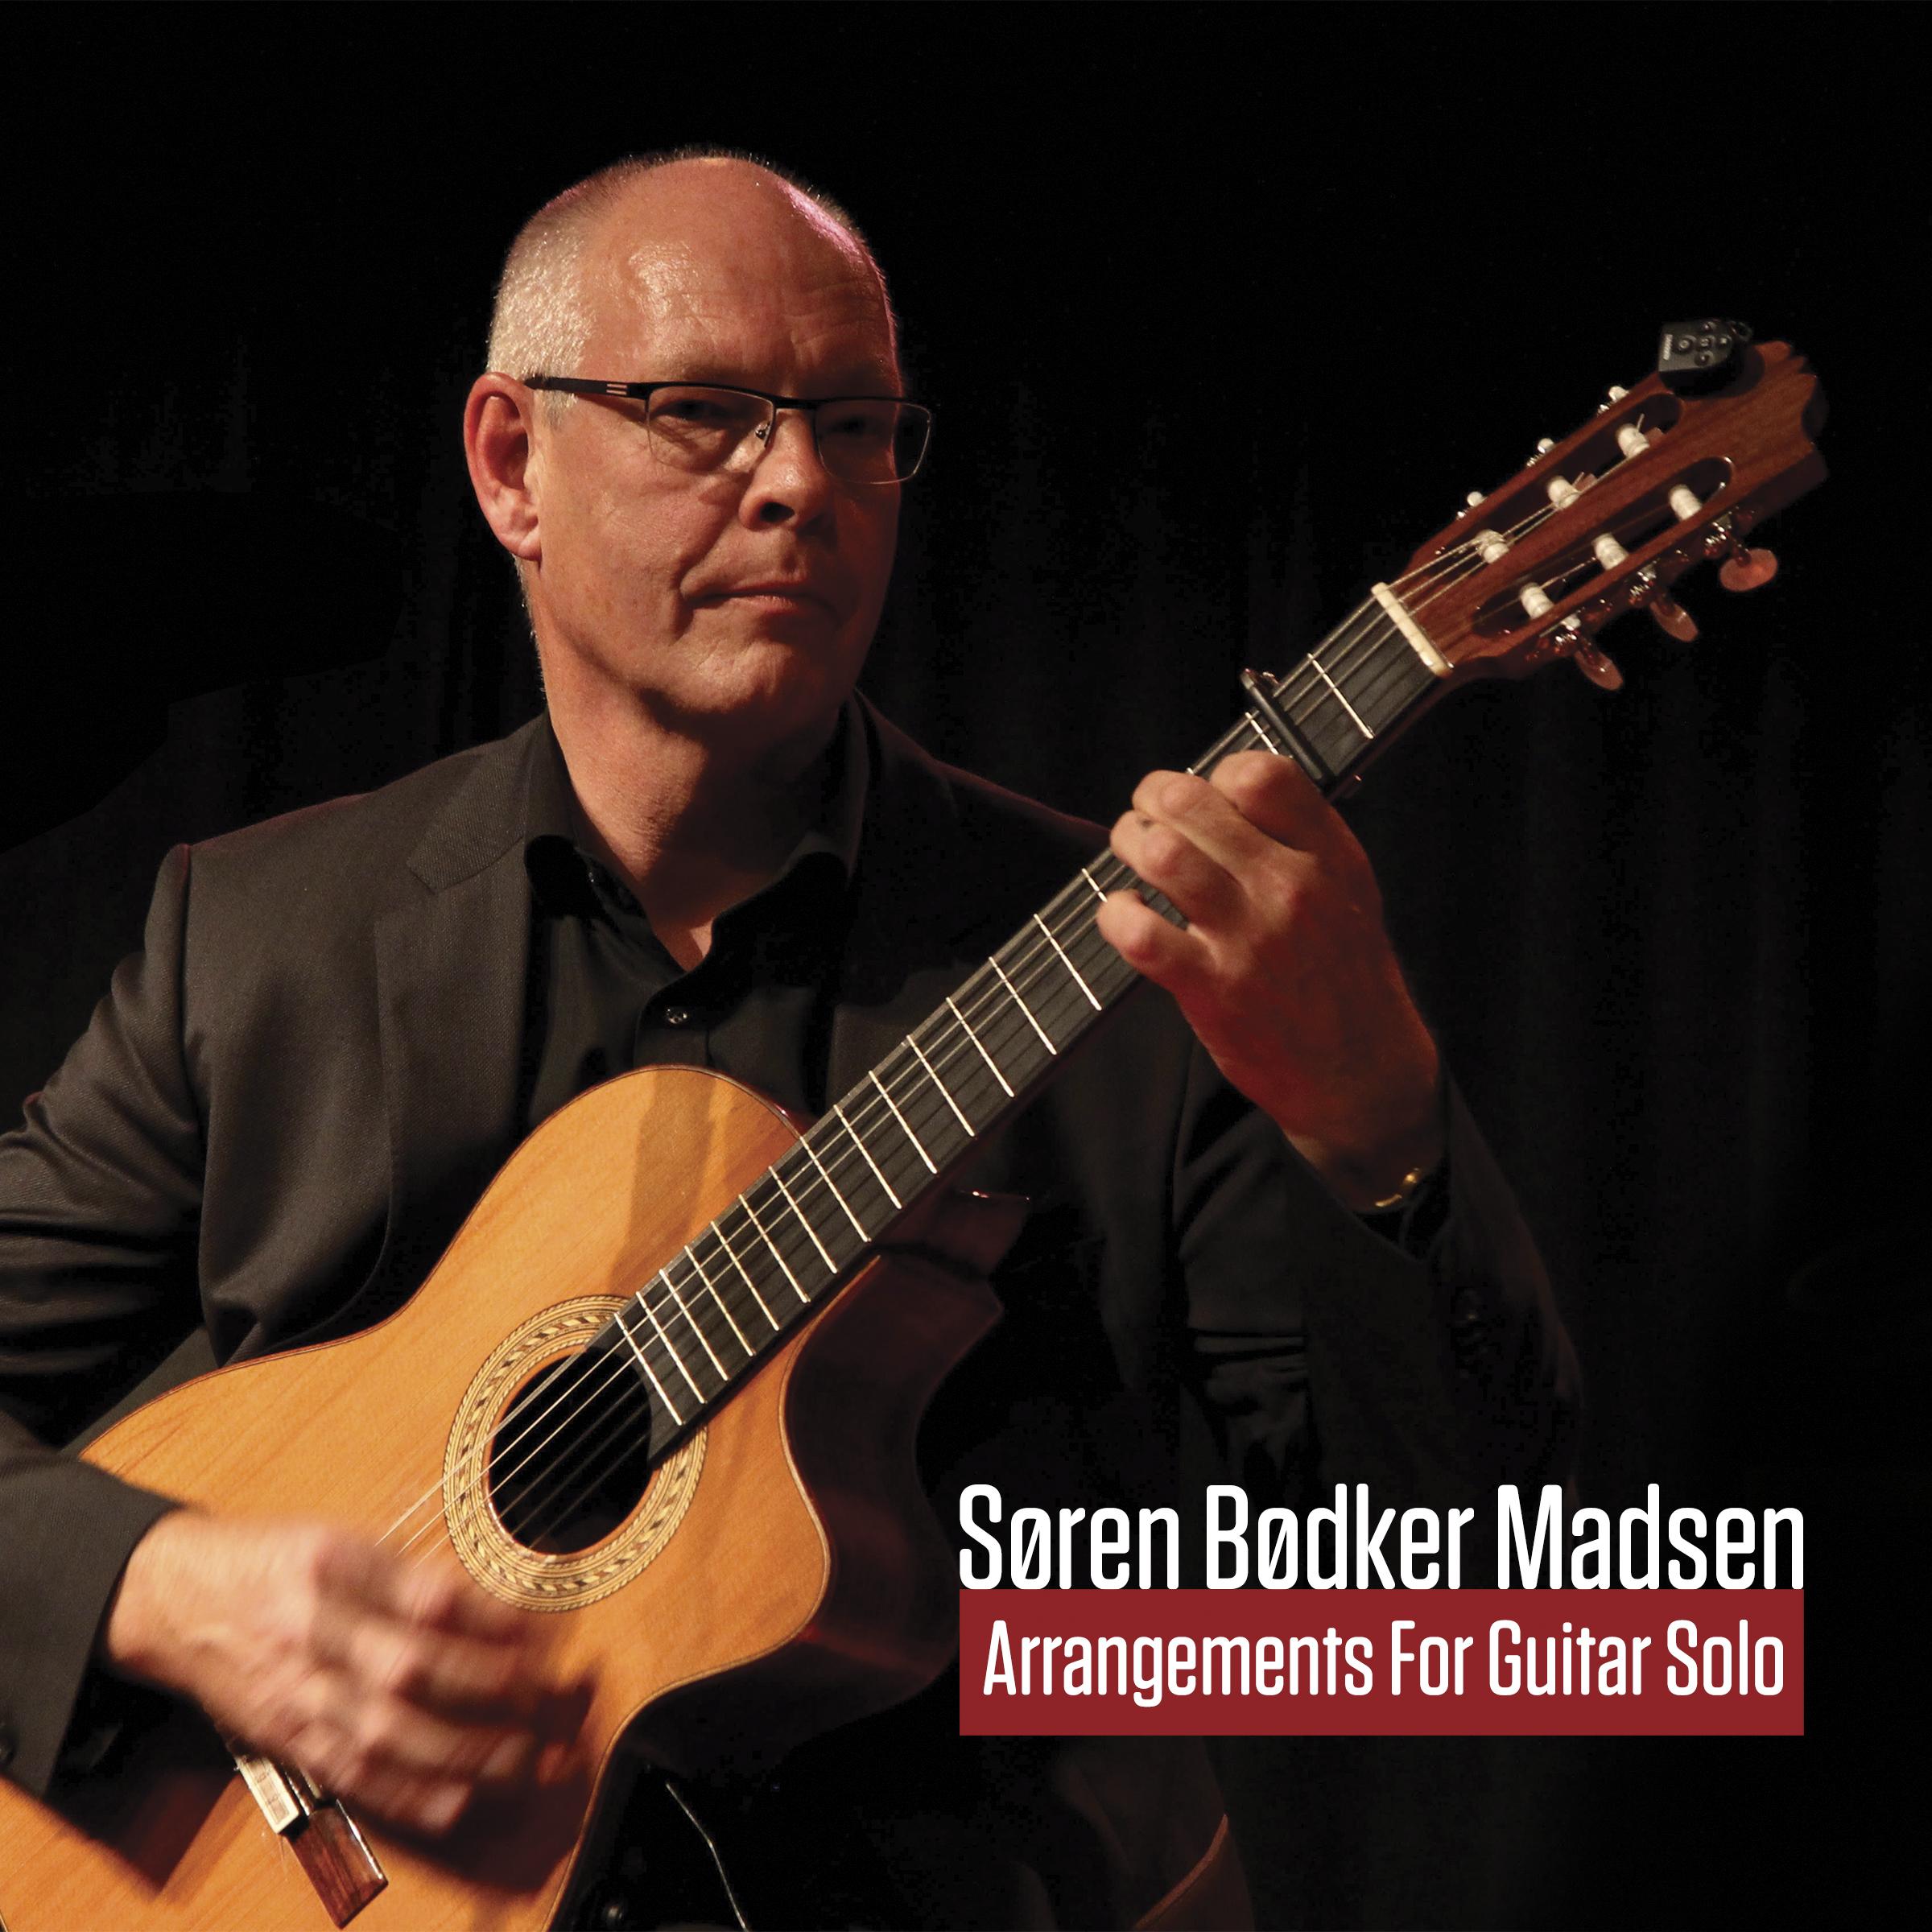 Arrangements For Guitar Solo - Søren Bødker Madsen - Musik - Guitarsolo - 5707471051276 - 2017